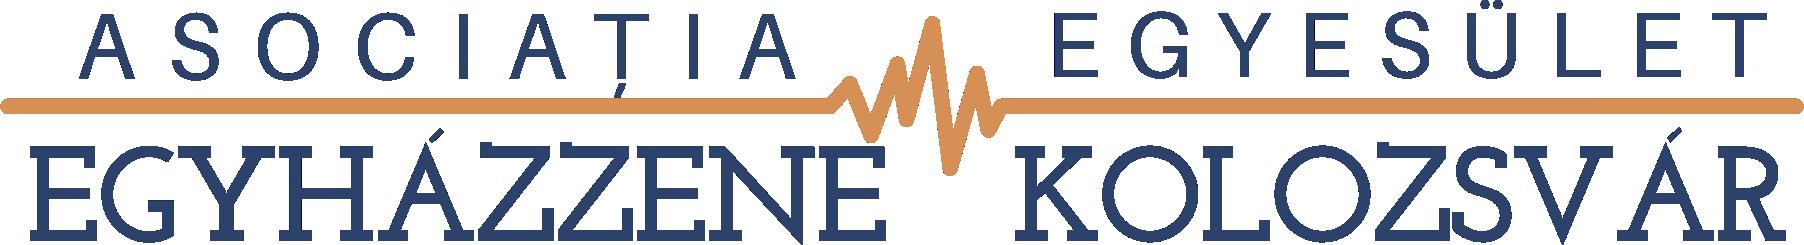 Asociația EGYHAZZENE-KOLOZSVAR  logo